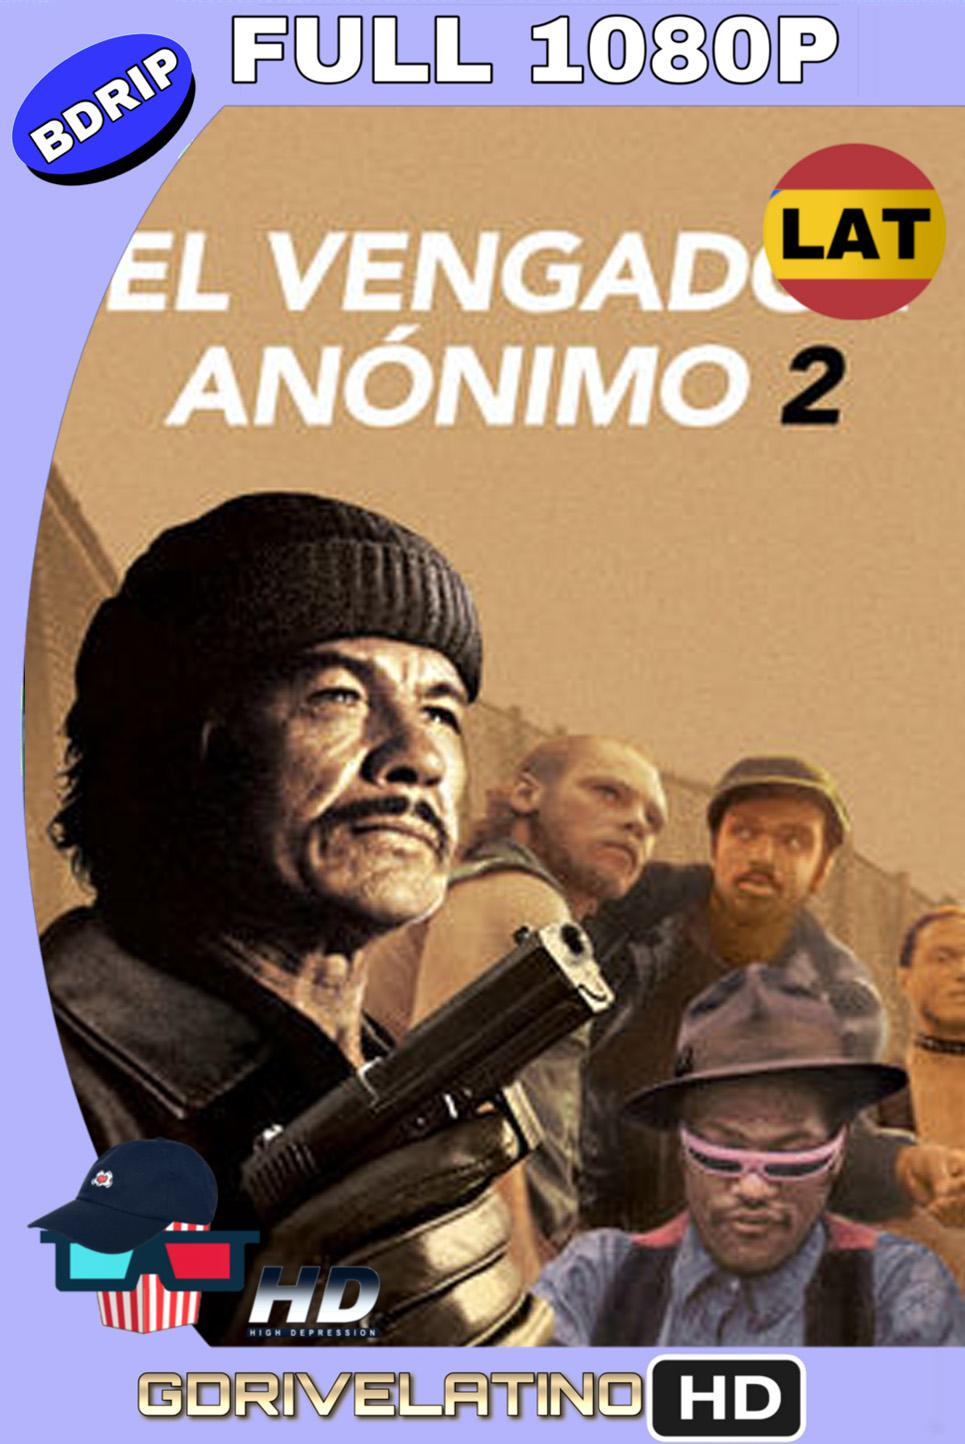 El Vengador Anónimo 2 (1981) BDRIP 1080p (60 FPS) Latino Inglés MKV